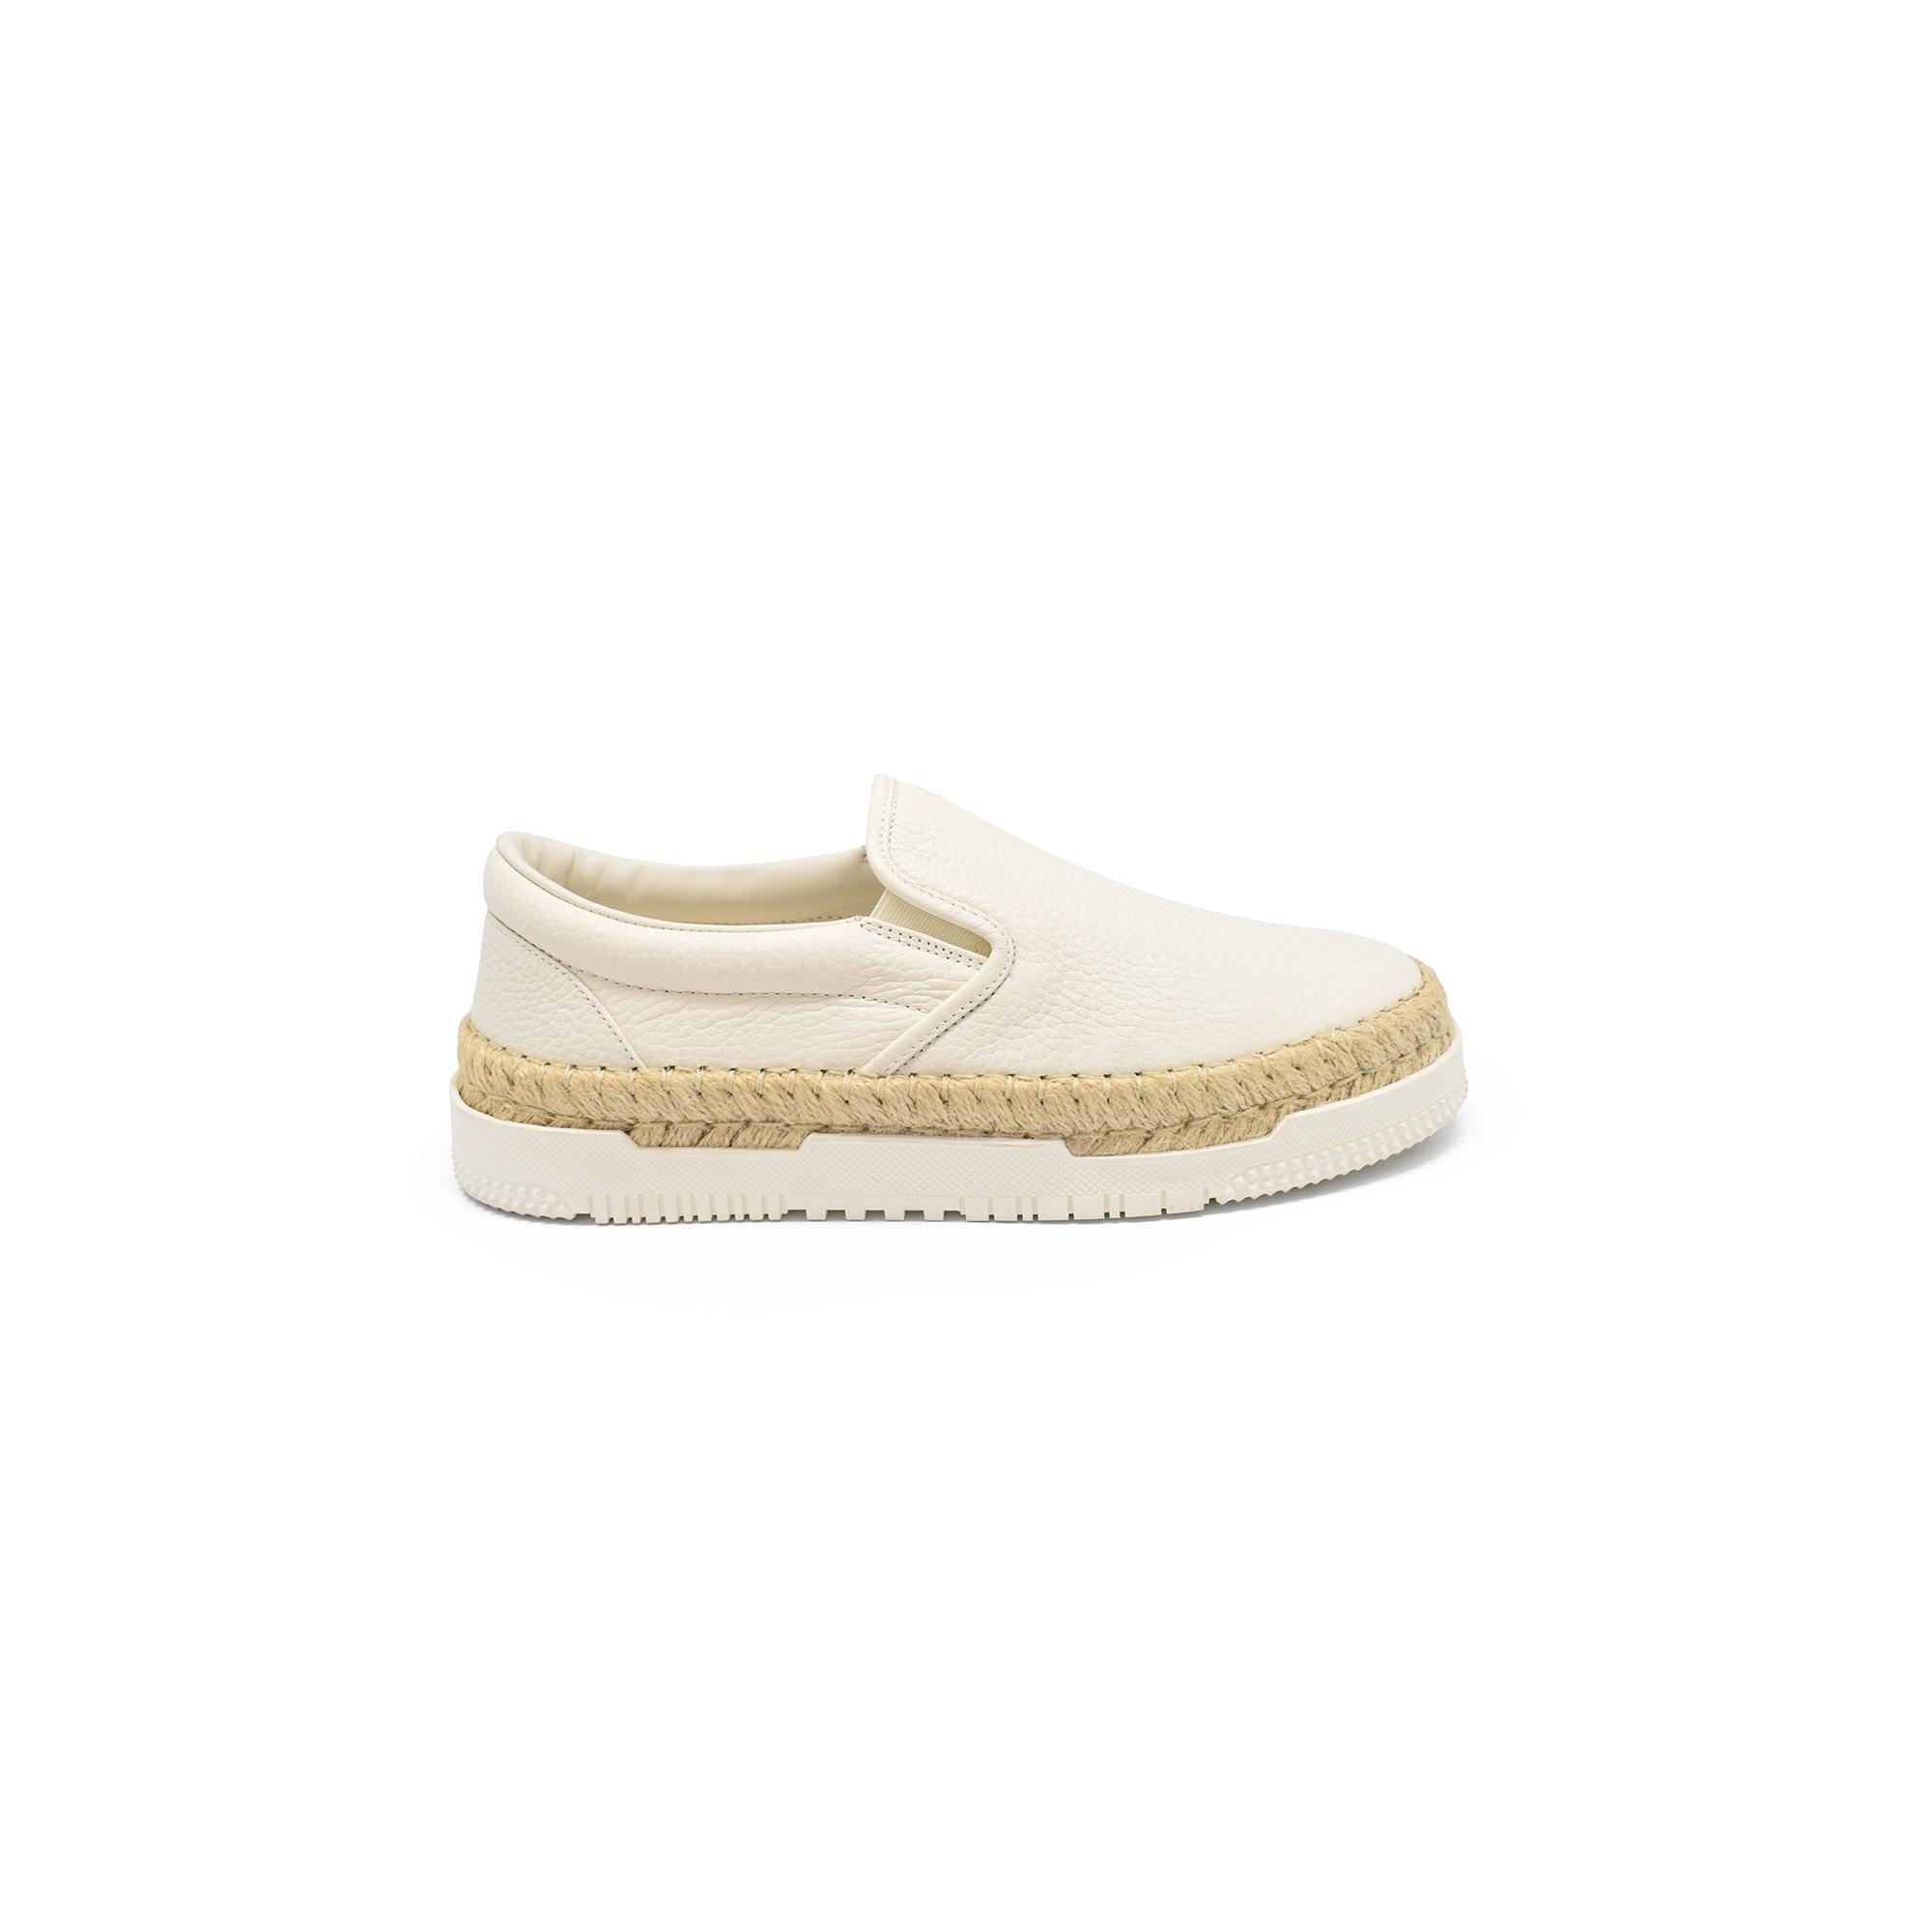 Baskets slip-on Valentino en cuir grainé beige avec semelle en raphia tressé et en caoutchouc blanc